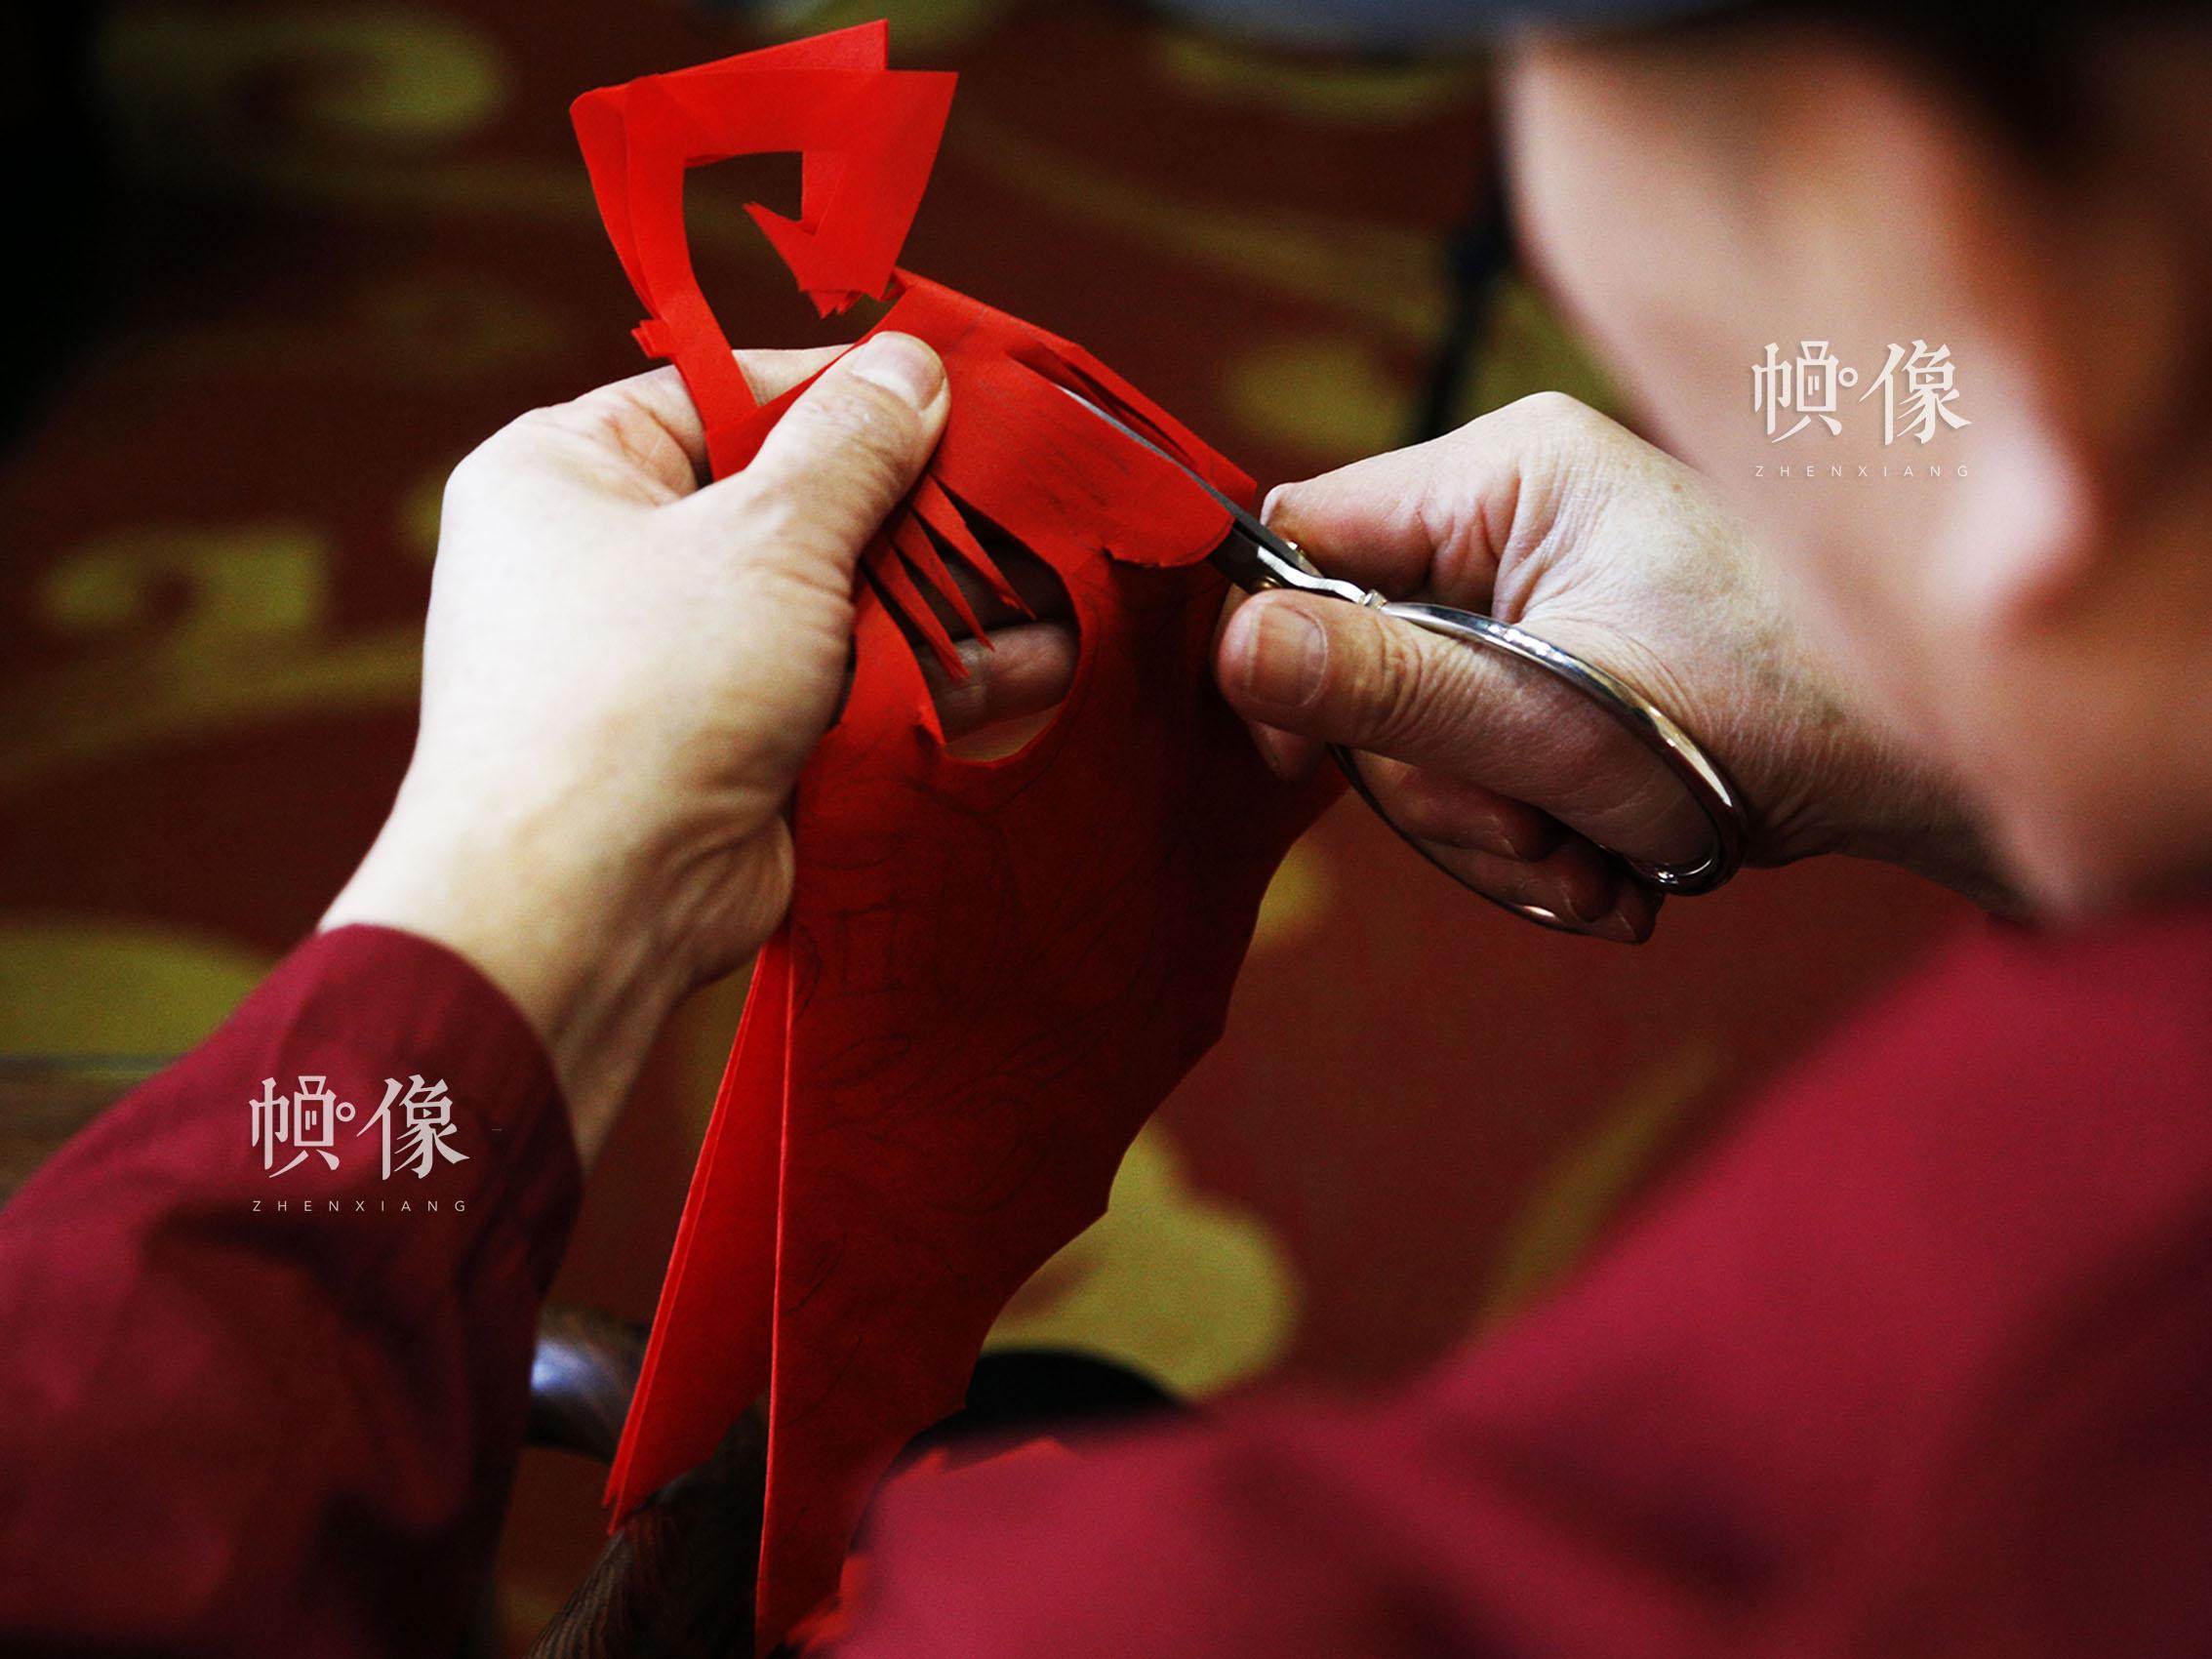 刚刚画好图样的红纸,在姚雨林的手中即将成为一幅窗花作品。中国网实习记者 张钰 摄